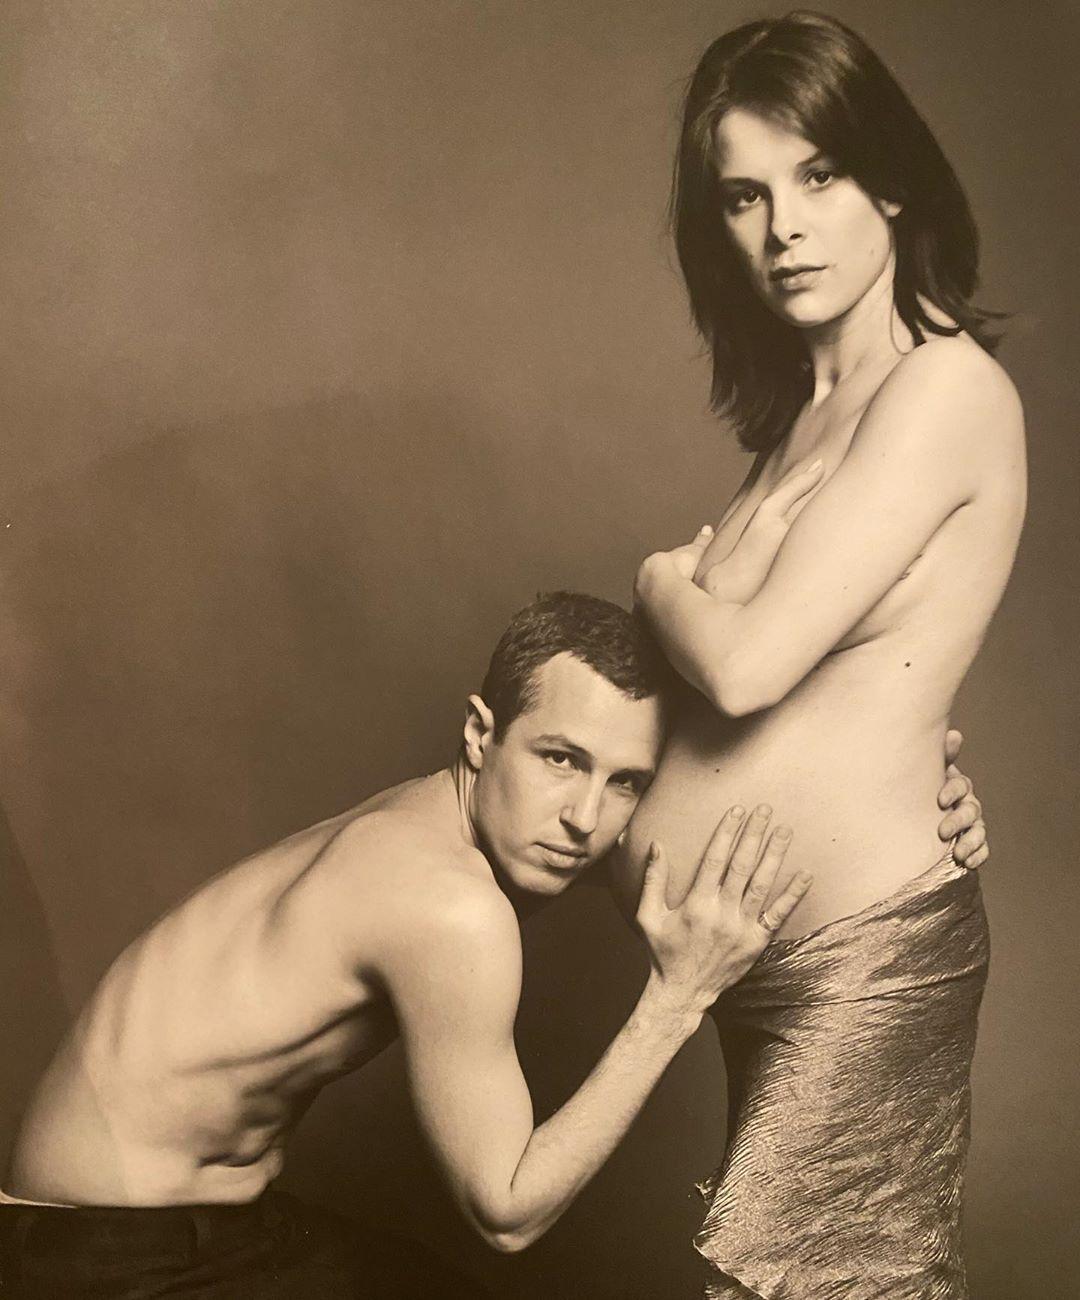 Молодые и влюбленные: Игорь Верник поделился архивным снимком с беременной женой